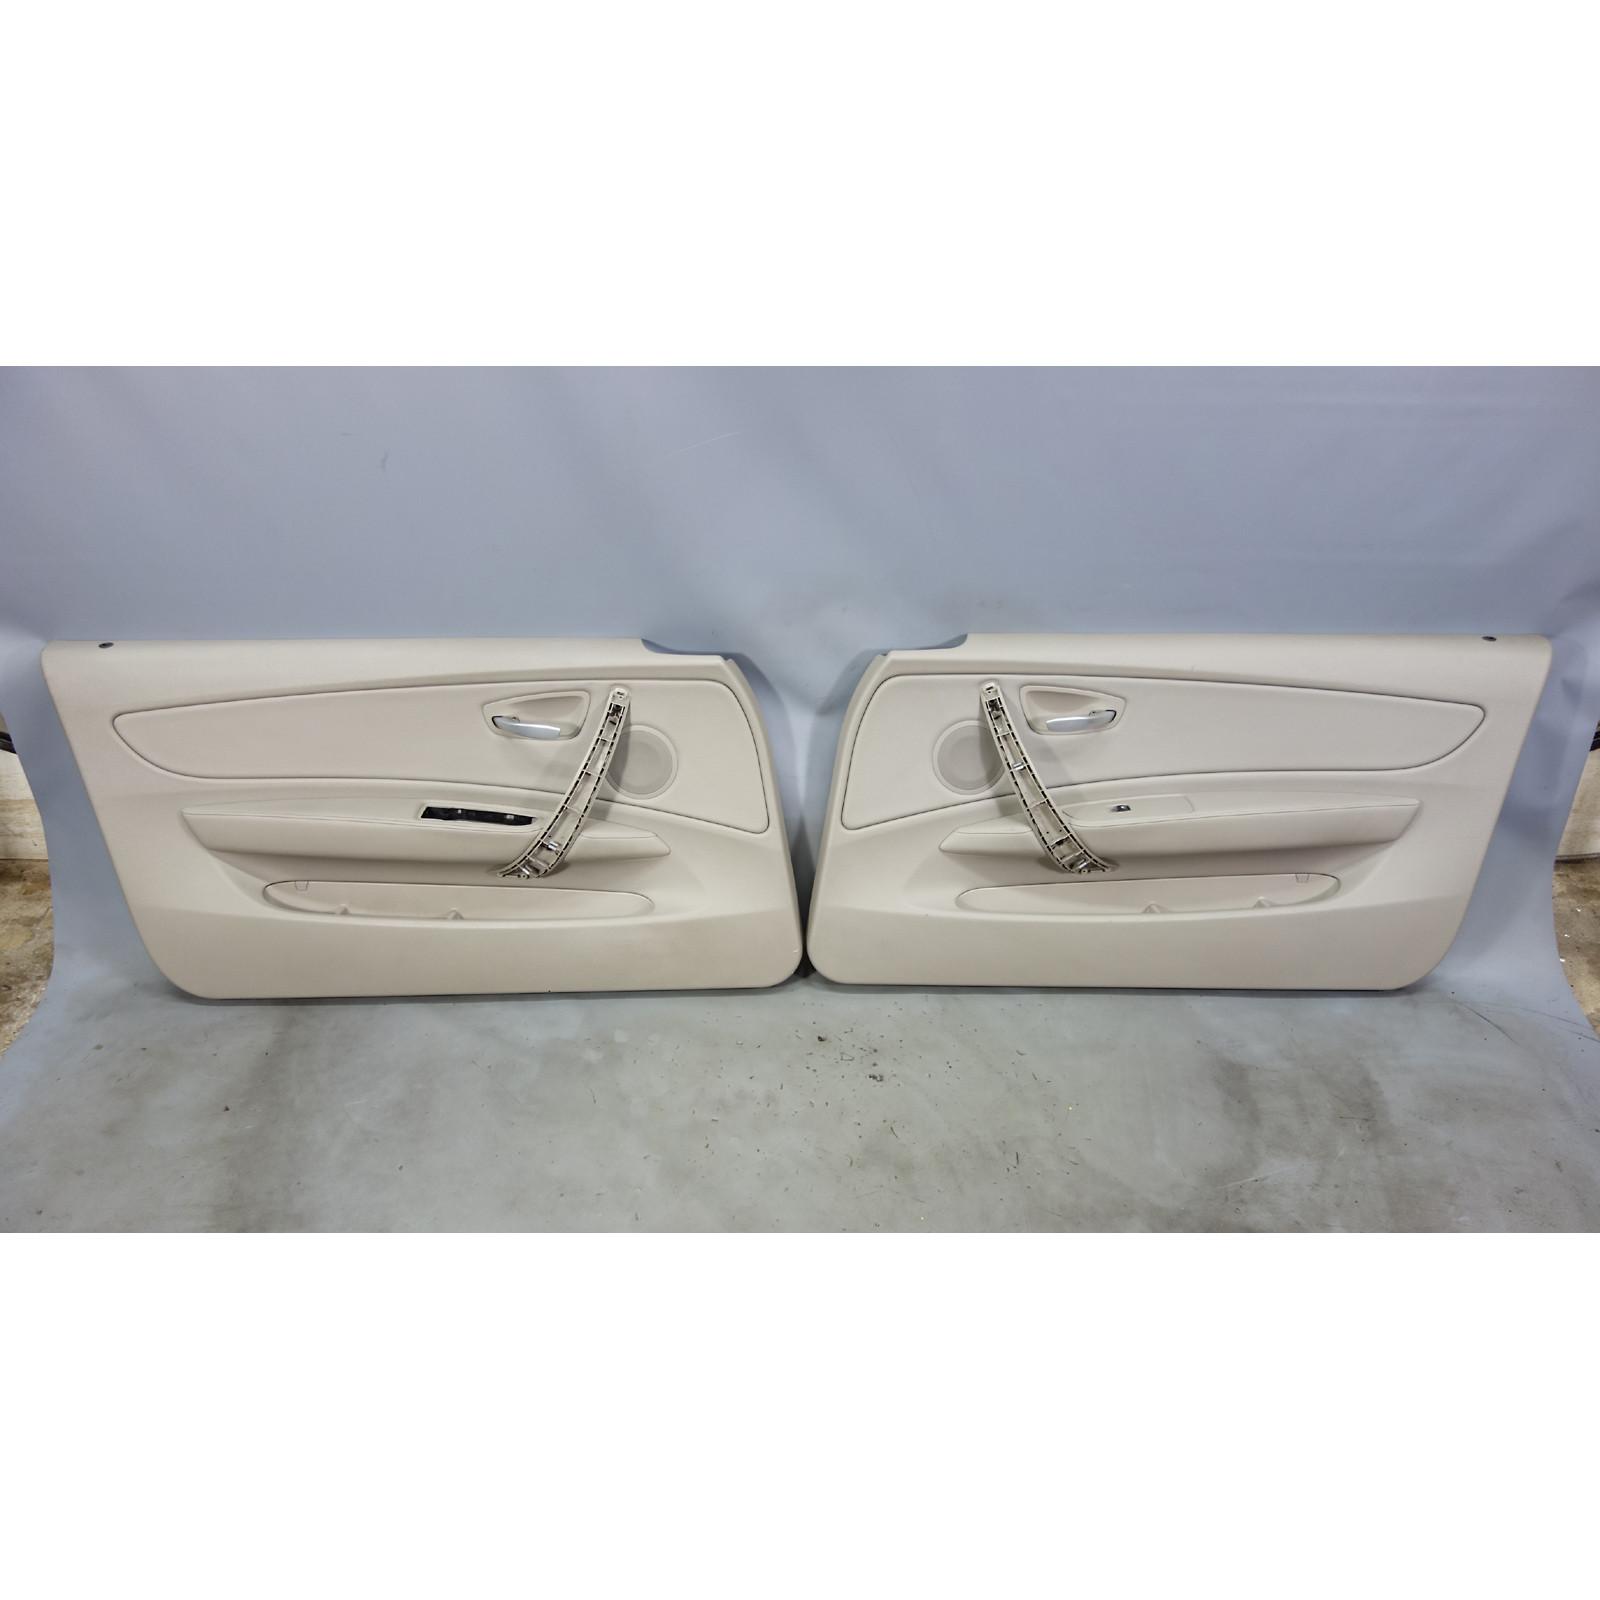 08 13 Bmw E82 E88 1 Series Front Interior Door Panel Trim Skin Pair Beige Vinyl 28388 Prussian Motors